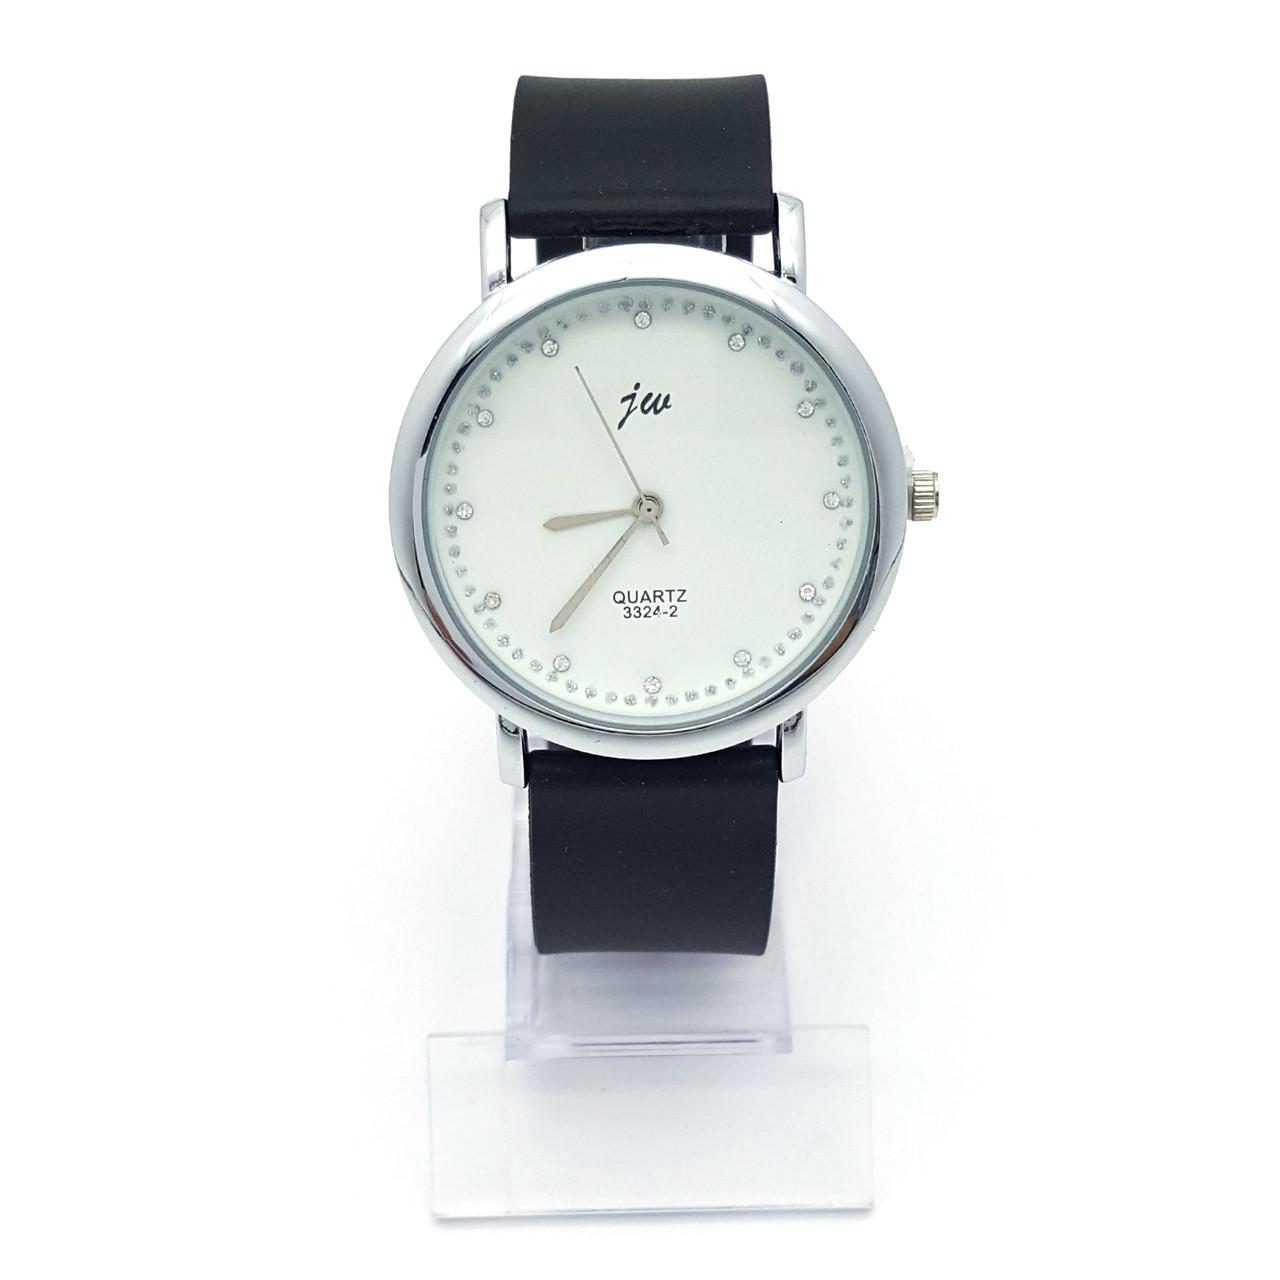 Часы на силиконовом ремешке, со стразами, длина ремешка 16,5-21,5см, циферблат -39мм